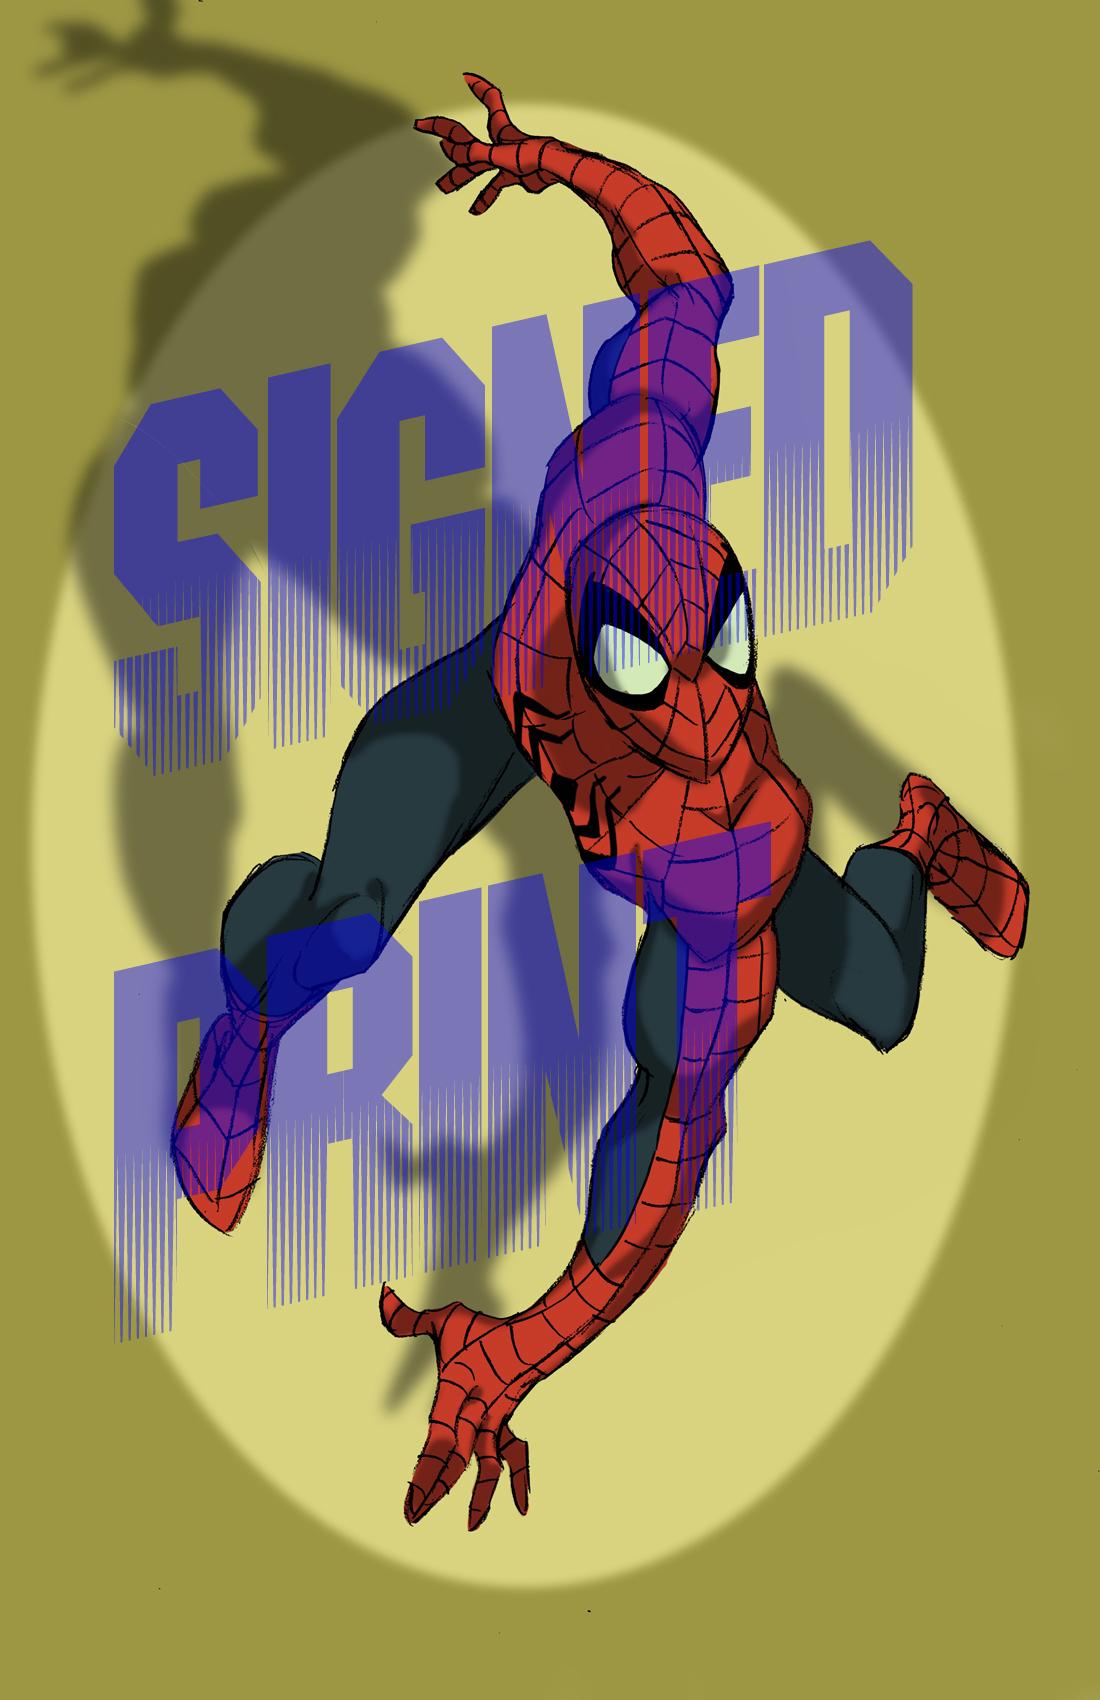 spider man signed print the art of steven e gordon online